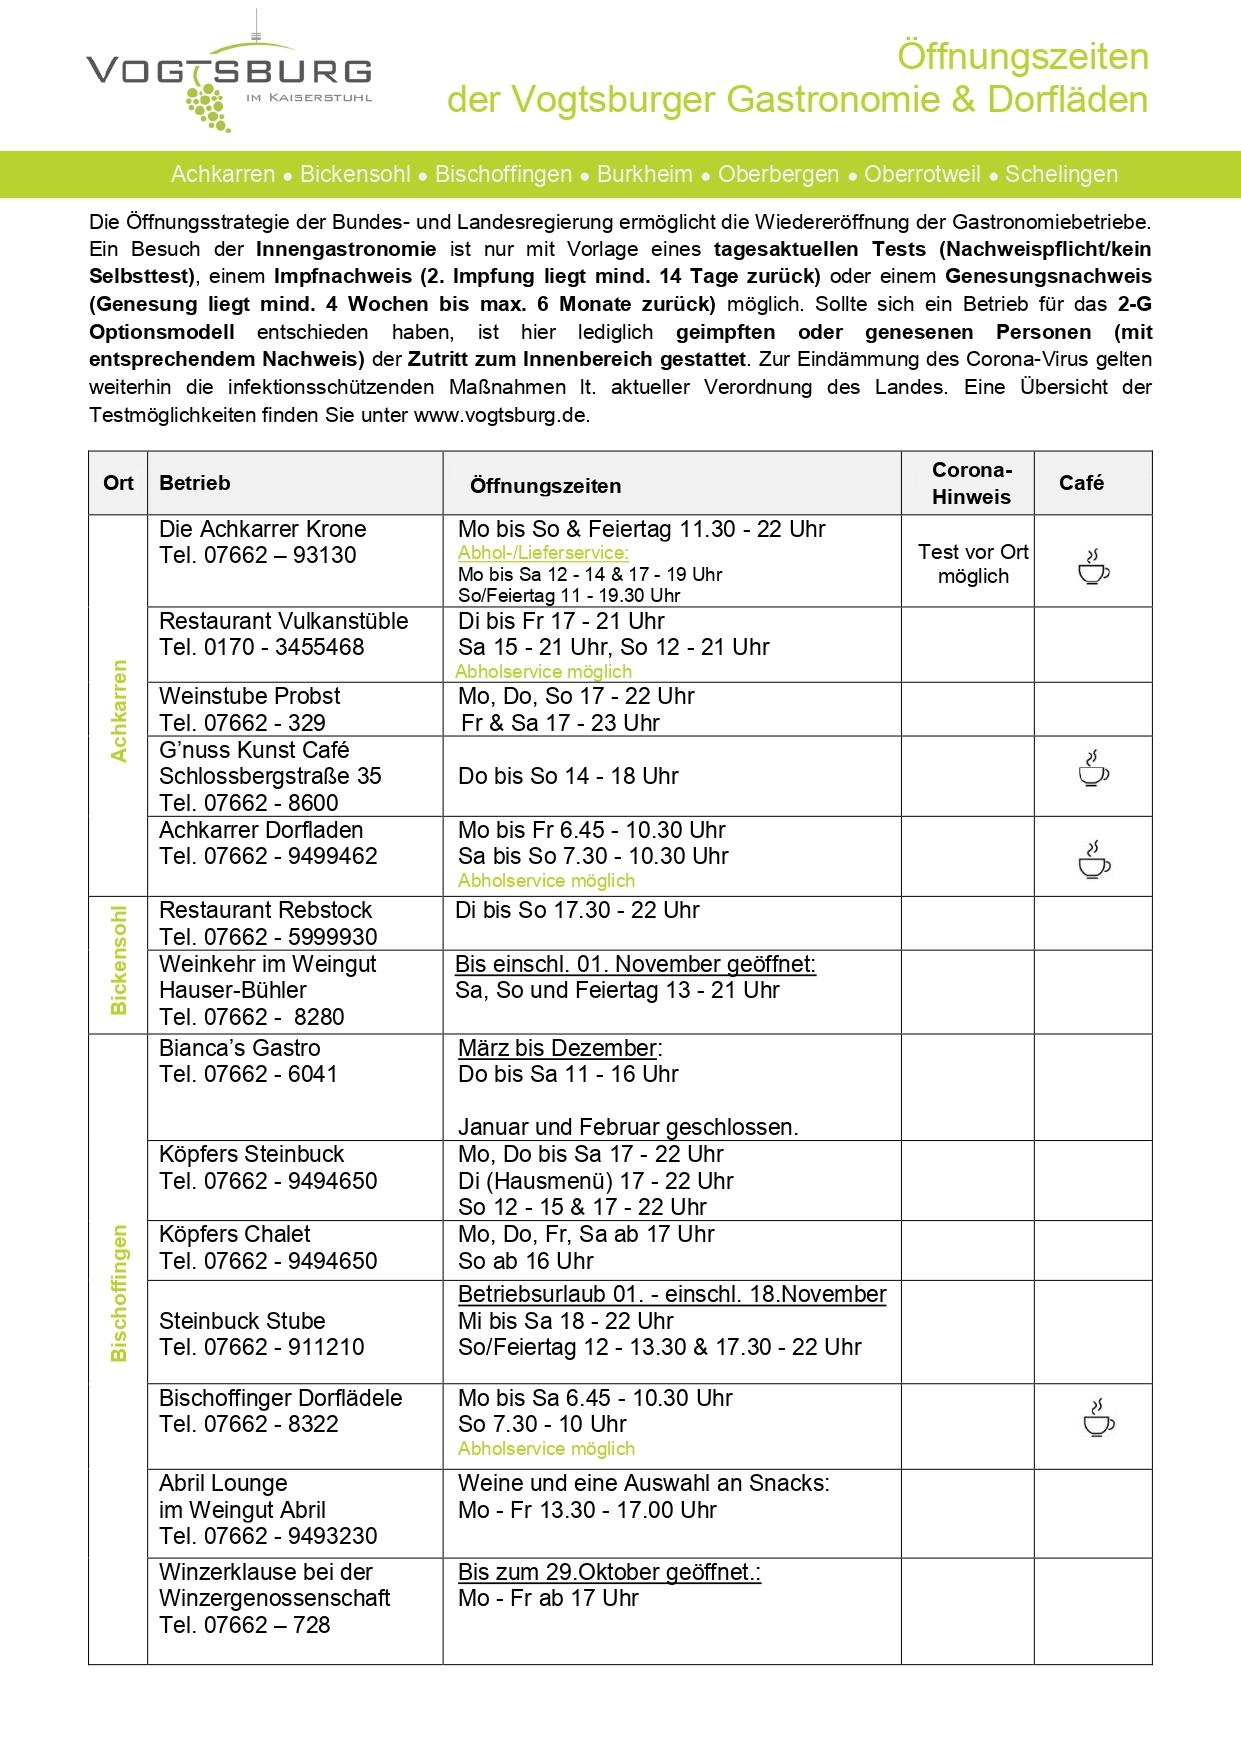 Öffnungszeiten der Gastronomie_Stand 26.10.2021 Teil 1